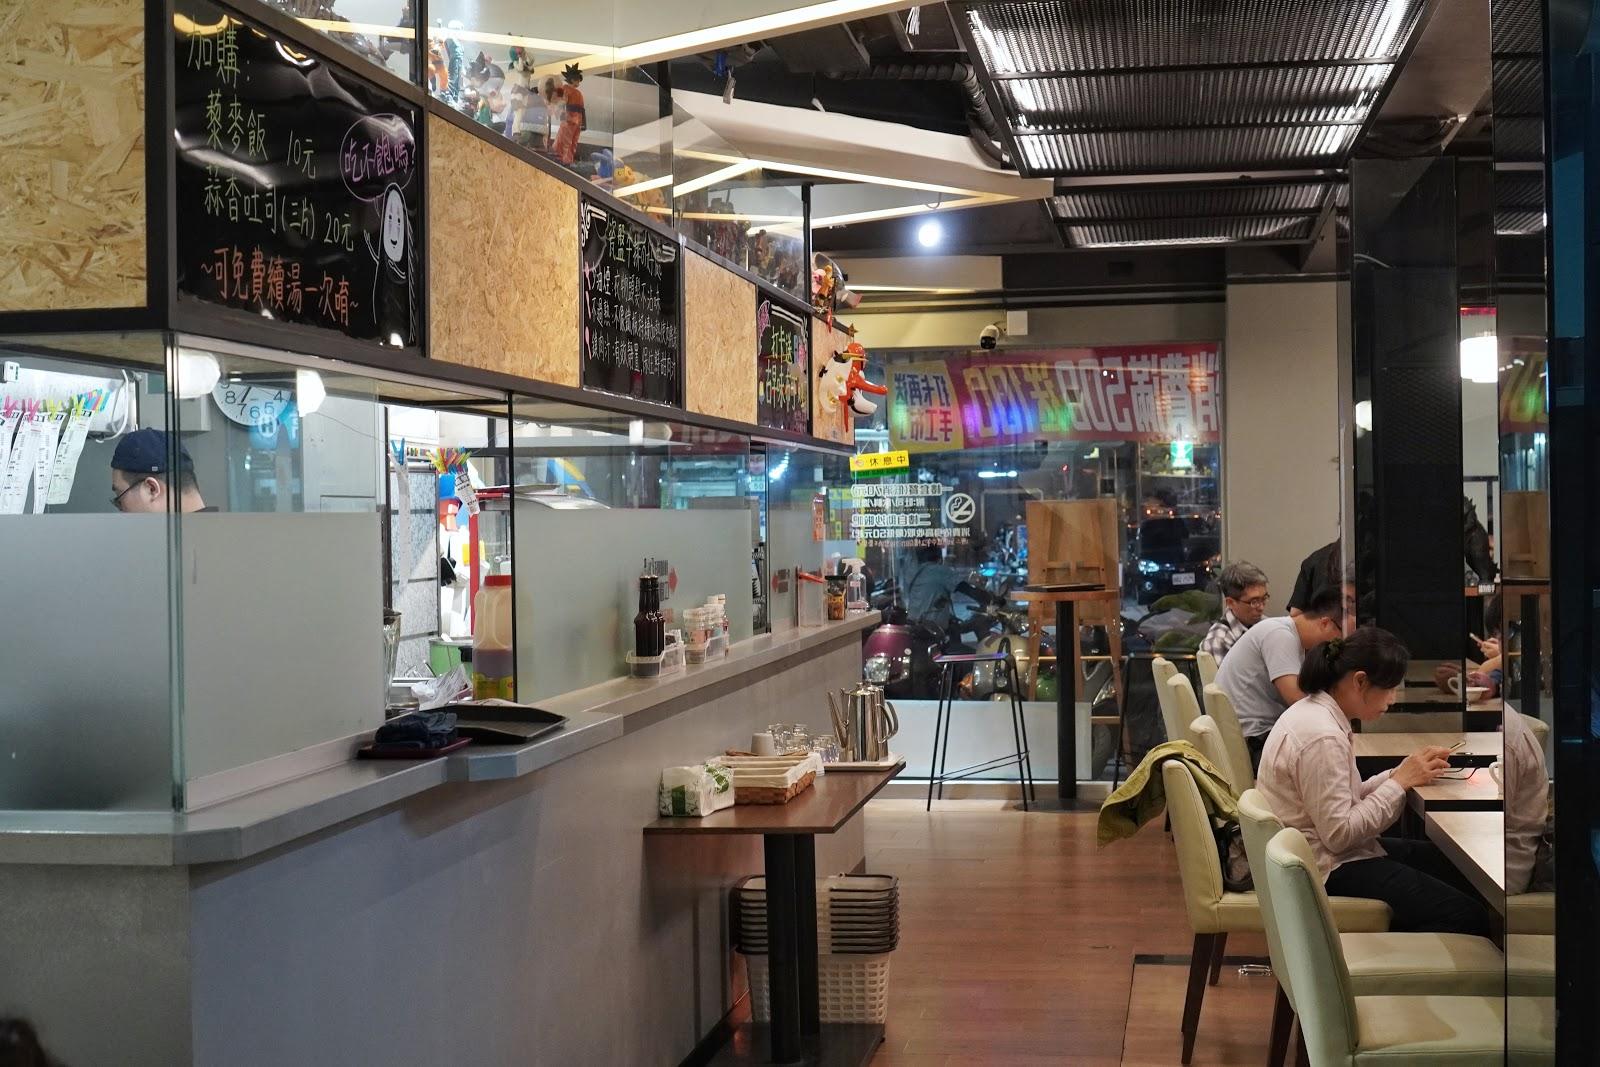 台南東區美食【大大力牛排館】一樓用餐環境